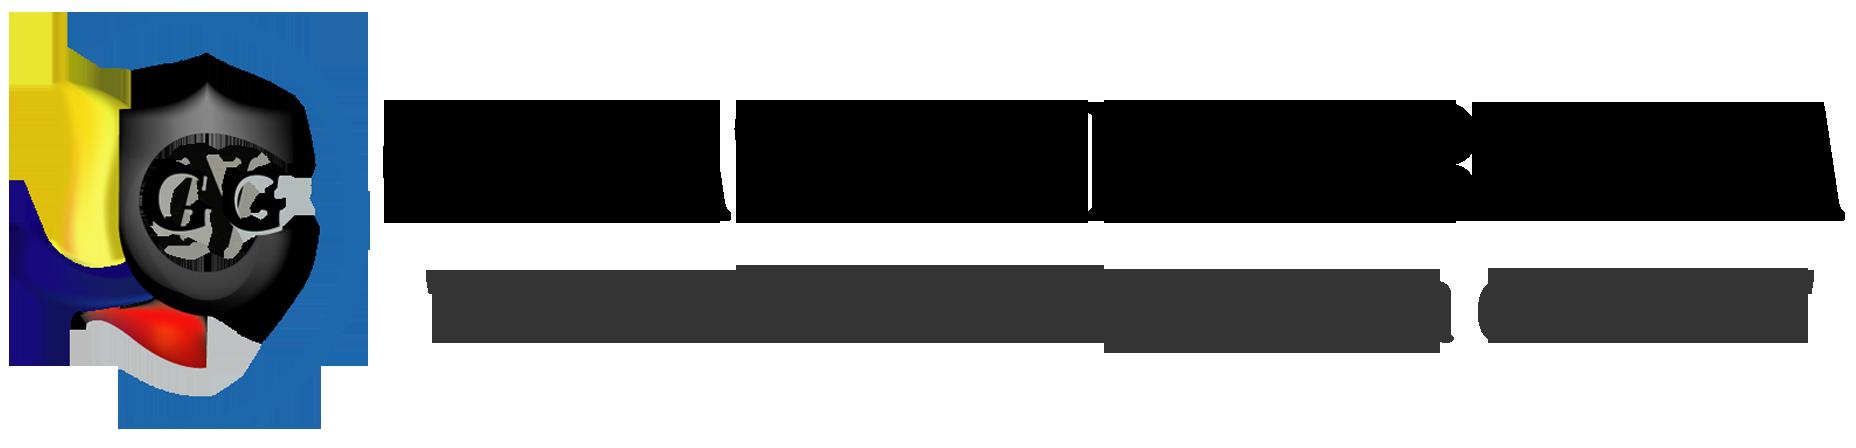 Logotipo Gimnasio Nuega Granada final - Letras3